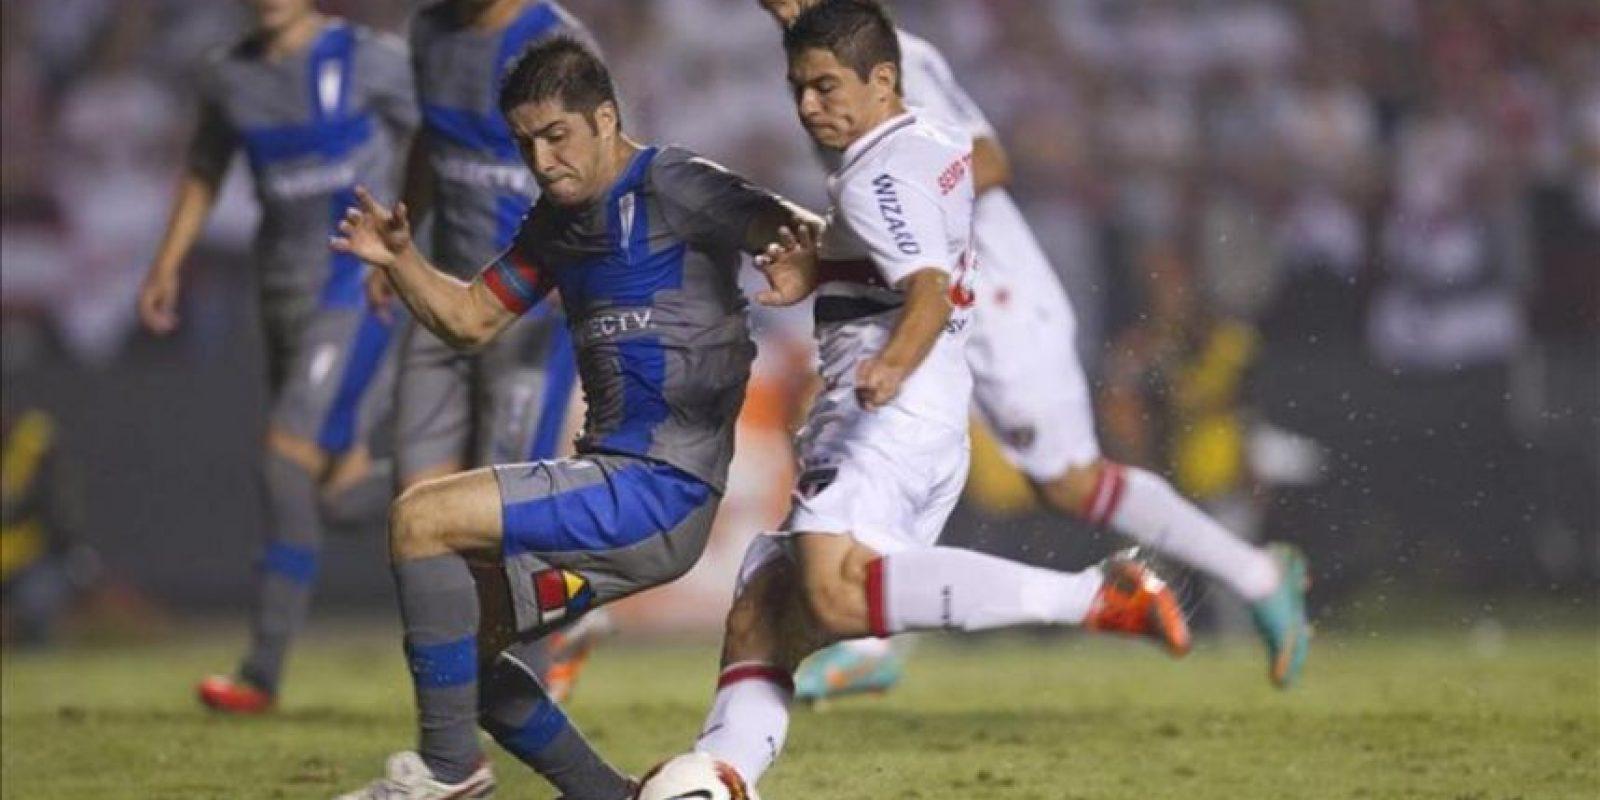 El jugador Osvaldo (d) de Sao Paulo de Brasil disputa el balón con Cristian Álvarez (i) de Universidad Católica de Chile, en el partido de vuelta por las semifinales de la Copa Sudamericana que les enfrentó en el estadio Morumbi de Sao Paulo (Brasil). EFE